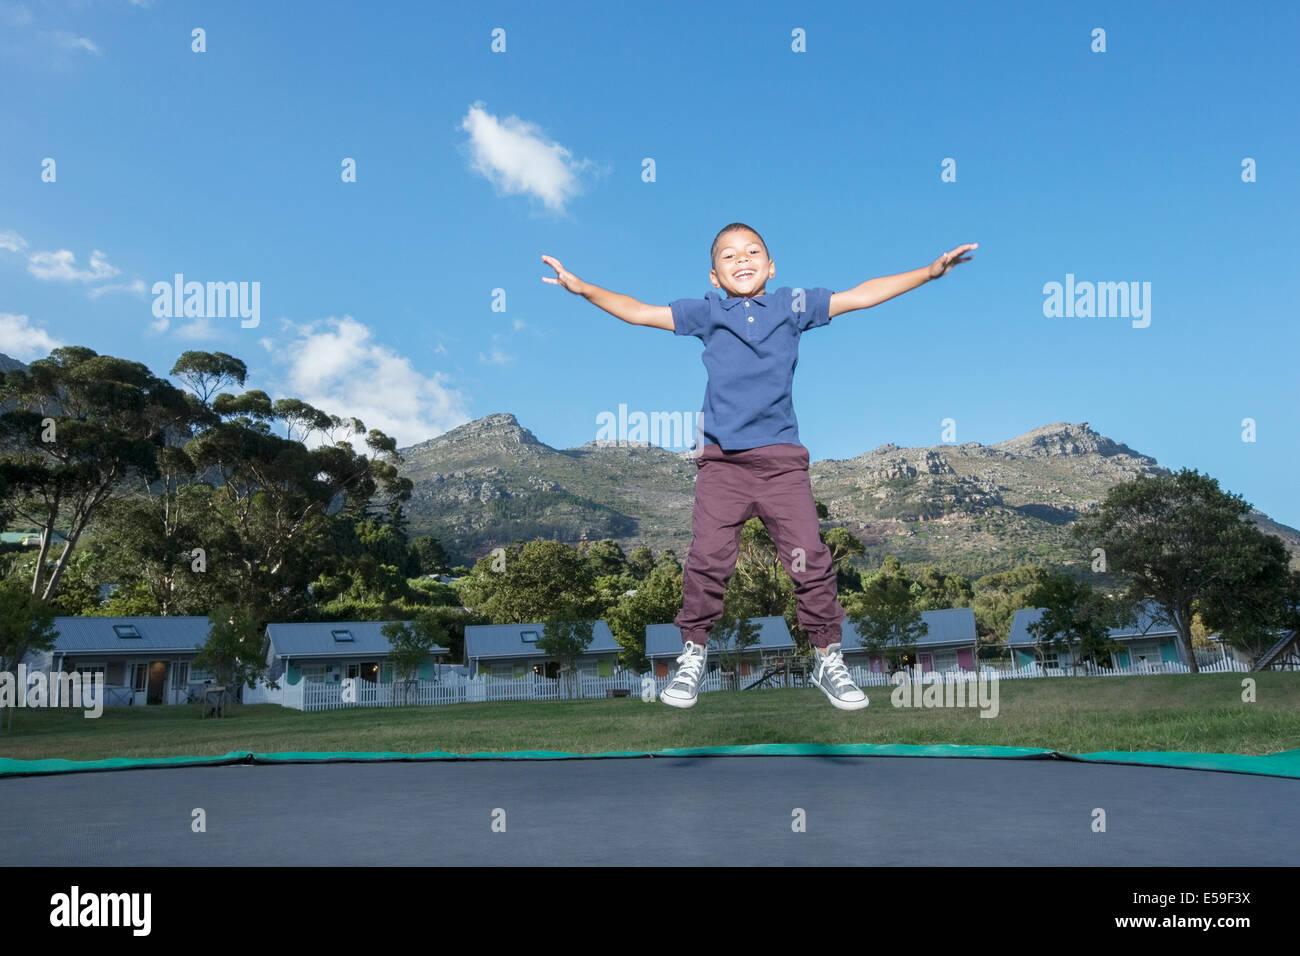 Chico saltando en trampolín al aire libre Imagen De Stock